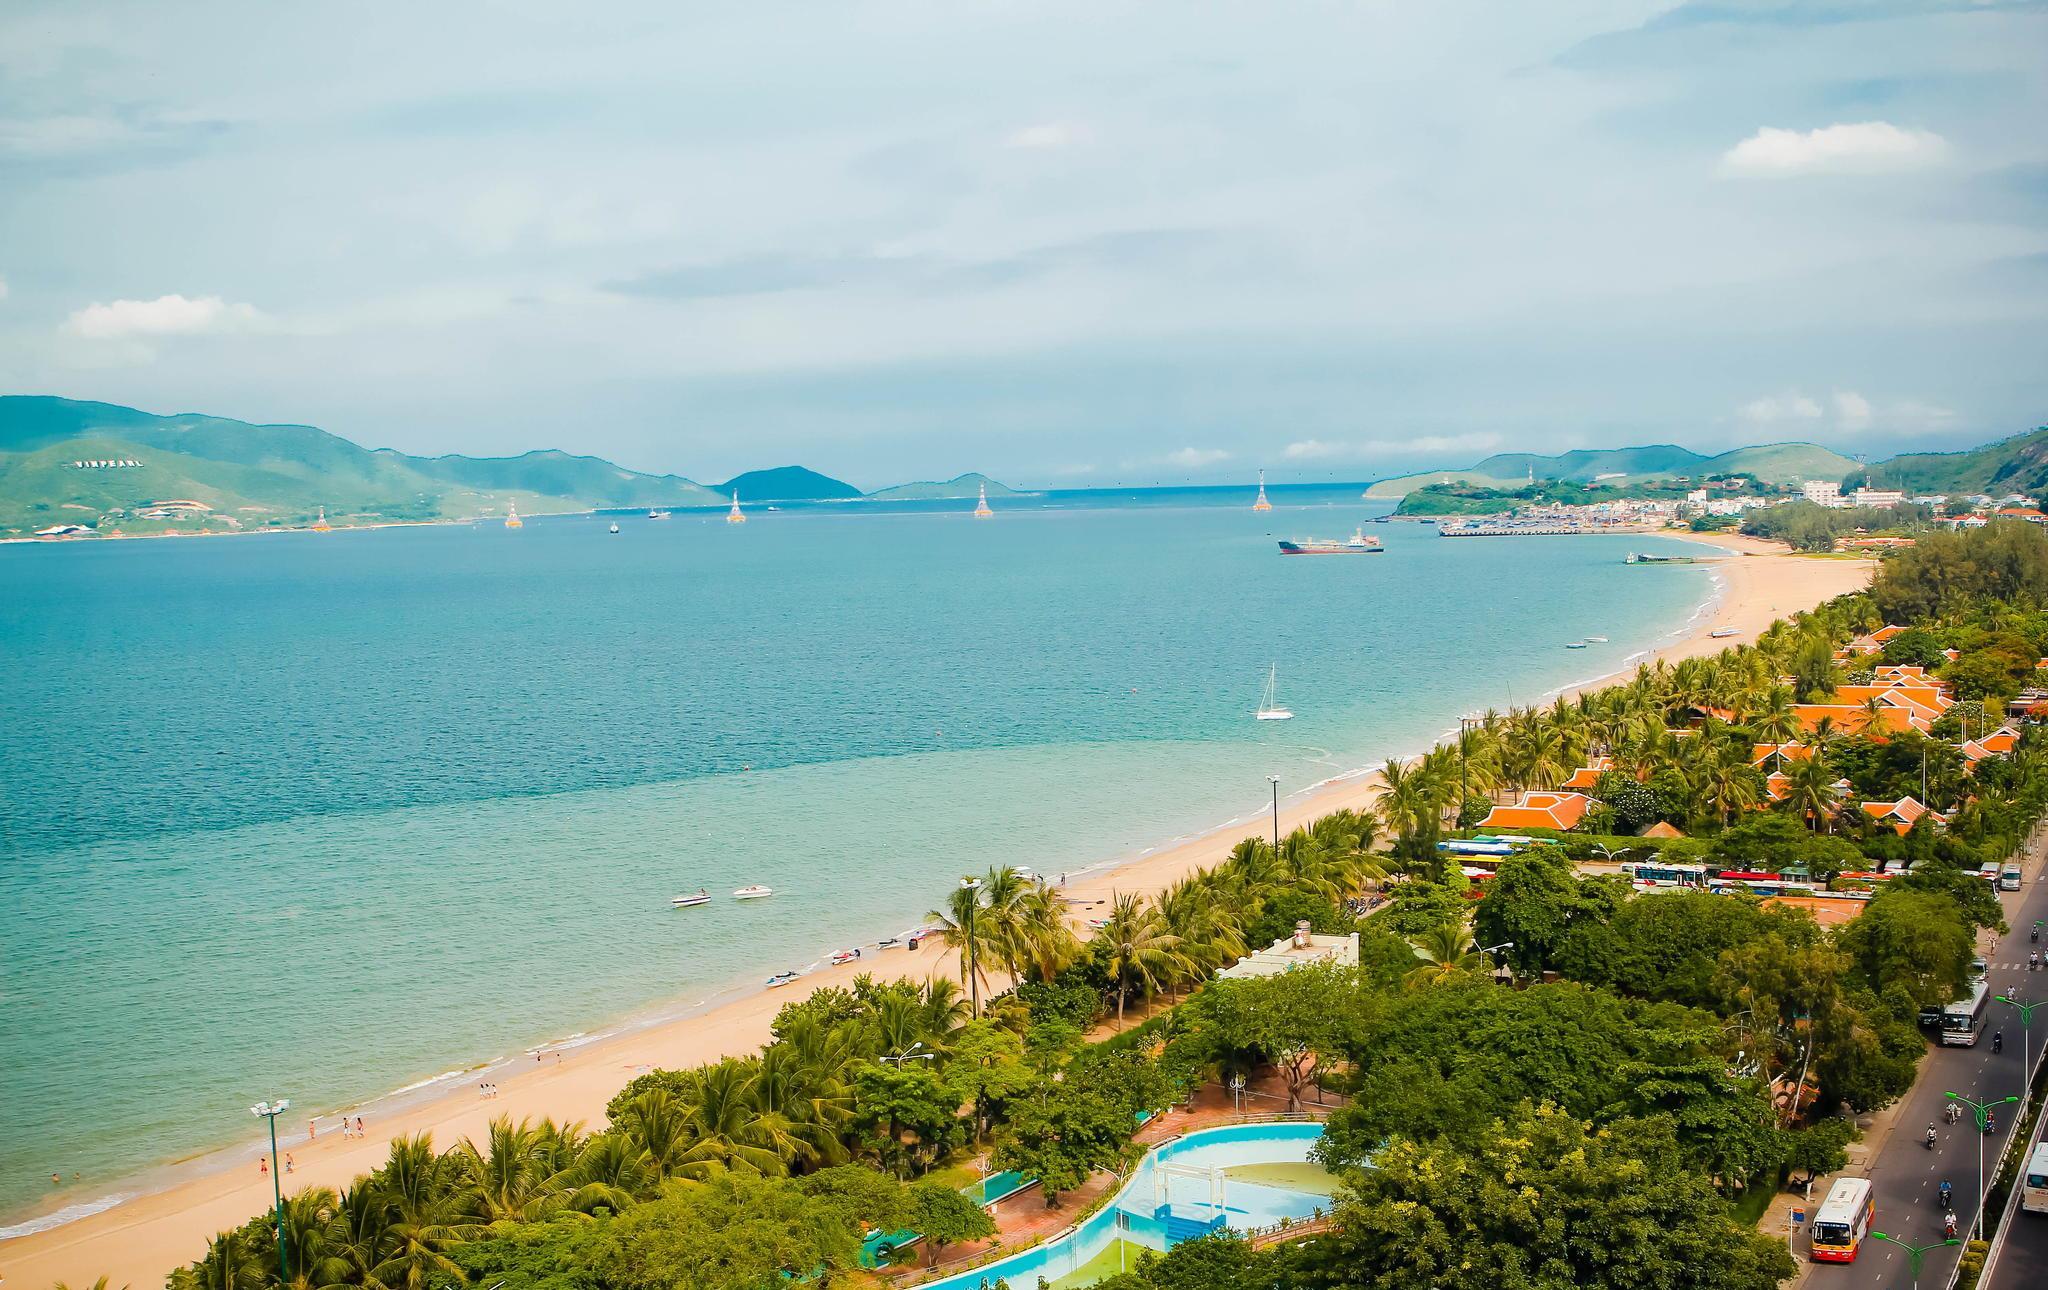 Теплое море Вьетнама ждет вас! Пора бронировать!